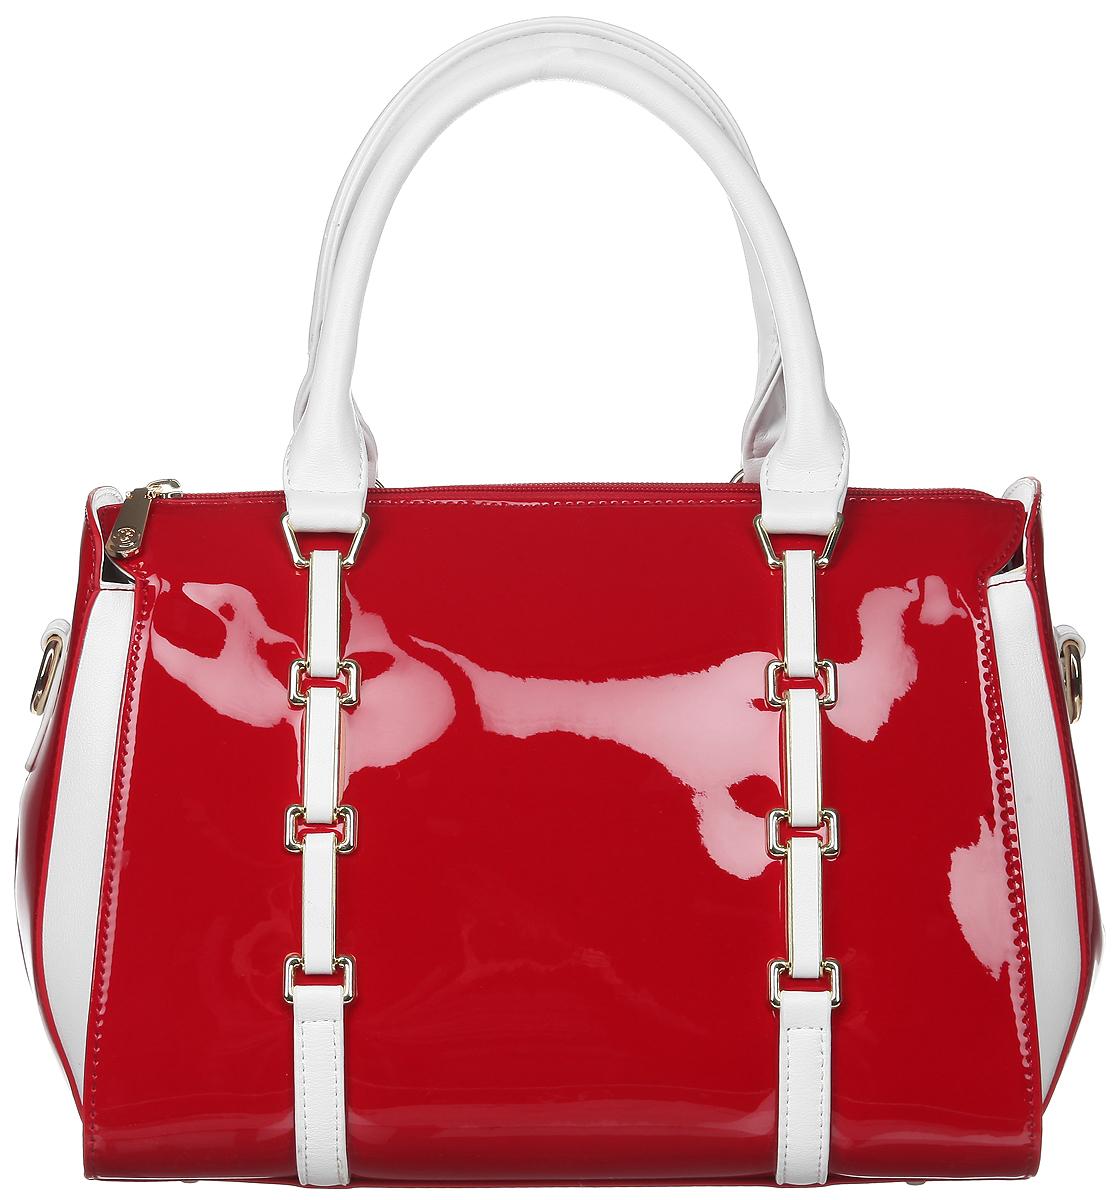 Сумка женская Calipso, цвет: красный, белый. 800-041286-172S76245Стильная женская сумка Calipso, выполненная из искусственной лакированной кожи, дополнена вставками из искусственной кожи с фактурным тиснением. Изделие имеет одно основное отделение, закрывающееся на застежку-молнию. Внутри находятся прорезной карман на застежке-молнии, два накладных открытых кармана и накладной открытый карман с отделением на застежке-молнии. Снаружи, на задней стенке расположен прорезной карман на застежке-молнии. Модель оснащена двумя удобными ручками. В комплект входит съемный регулируемый наплечный ремень. Основание изделия защищено от повреждений металлическими ножками. Роскошная сумка внесет элегантные нотки в ваш образ и подчеркнет ваше отменное чувство стиля.